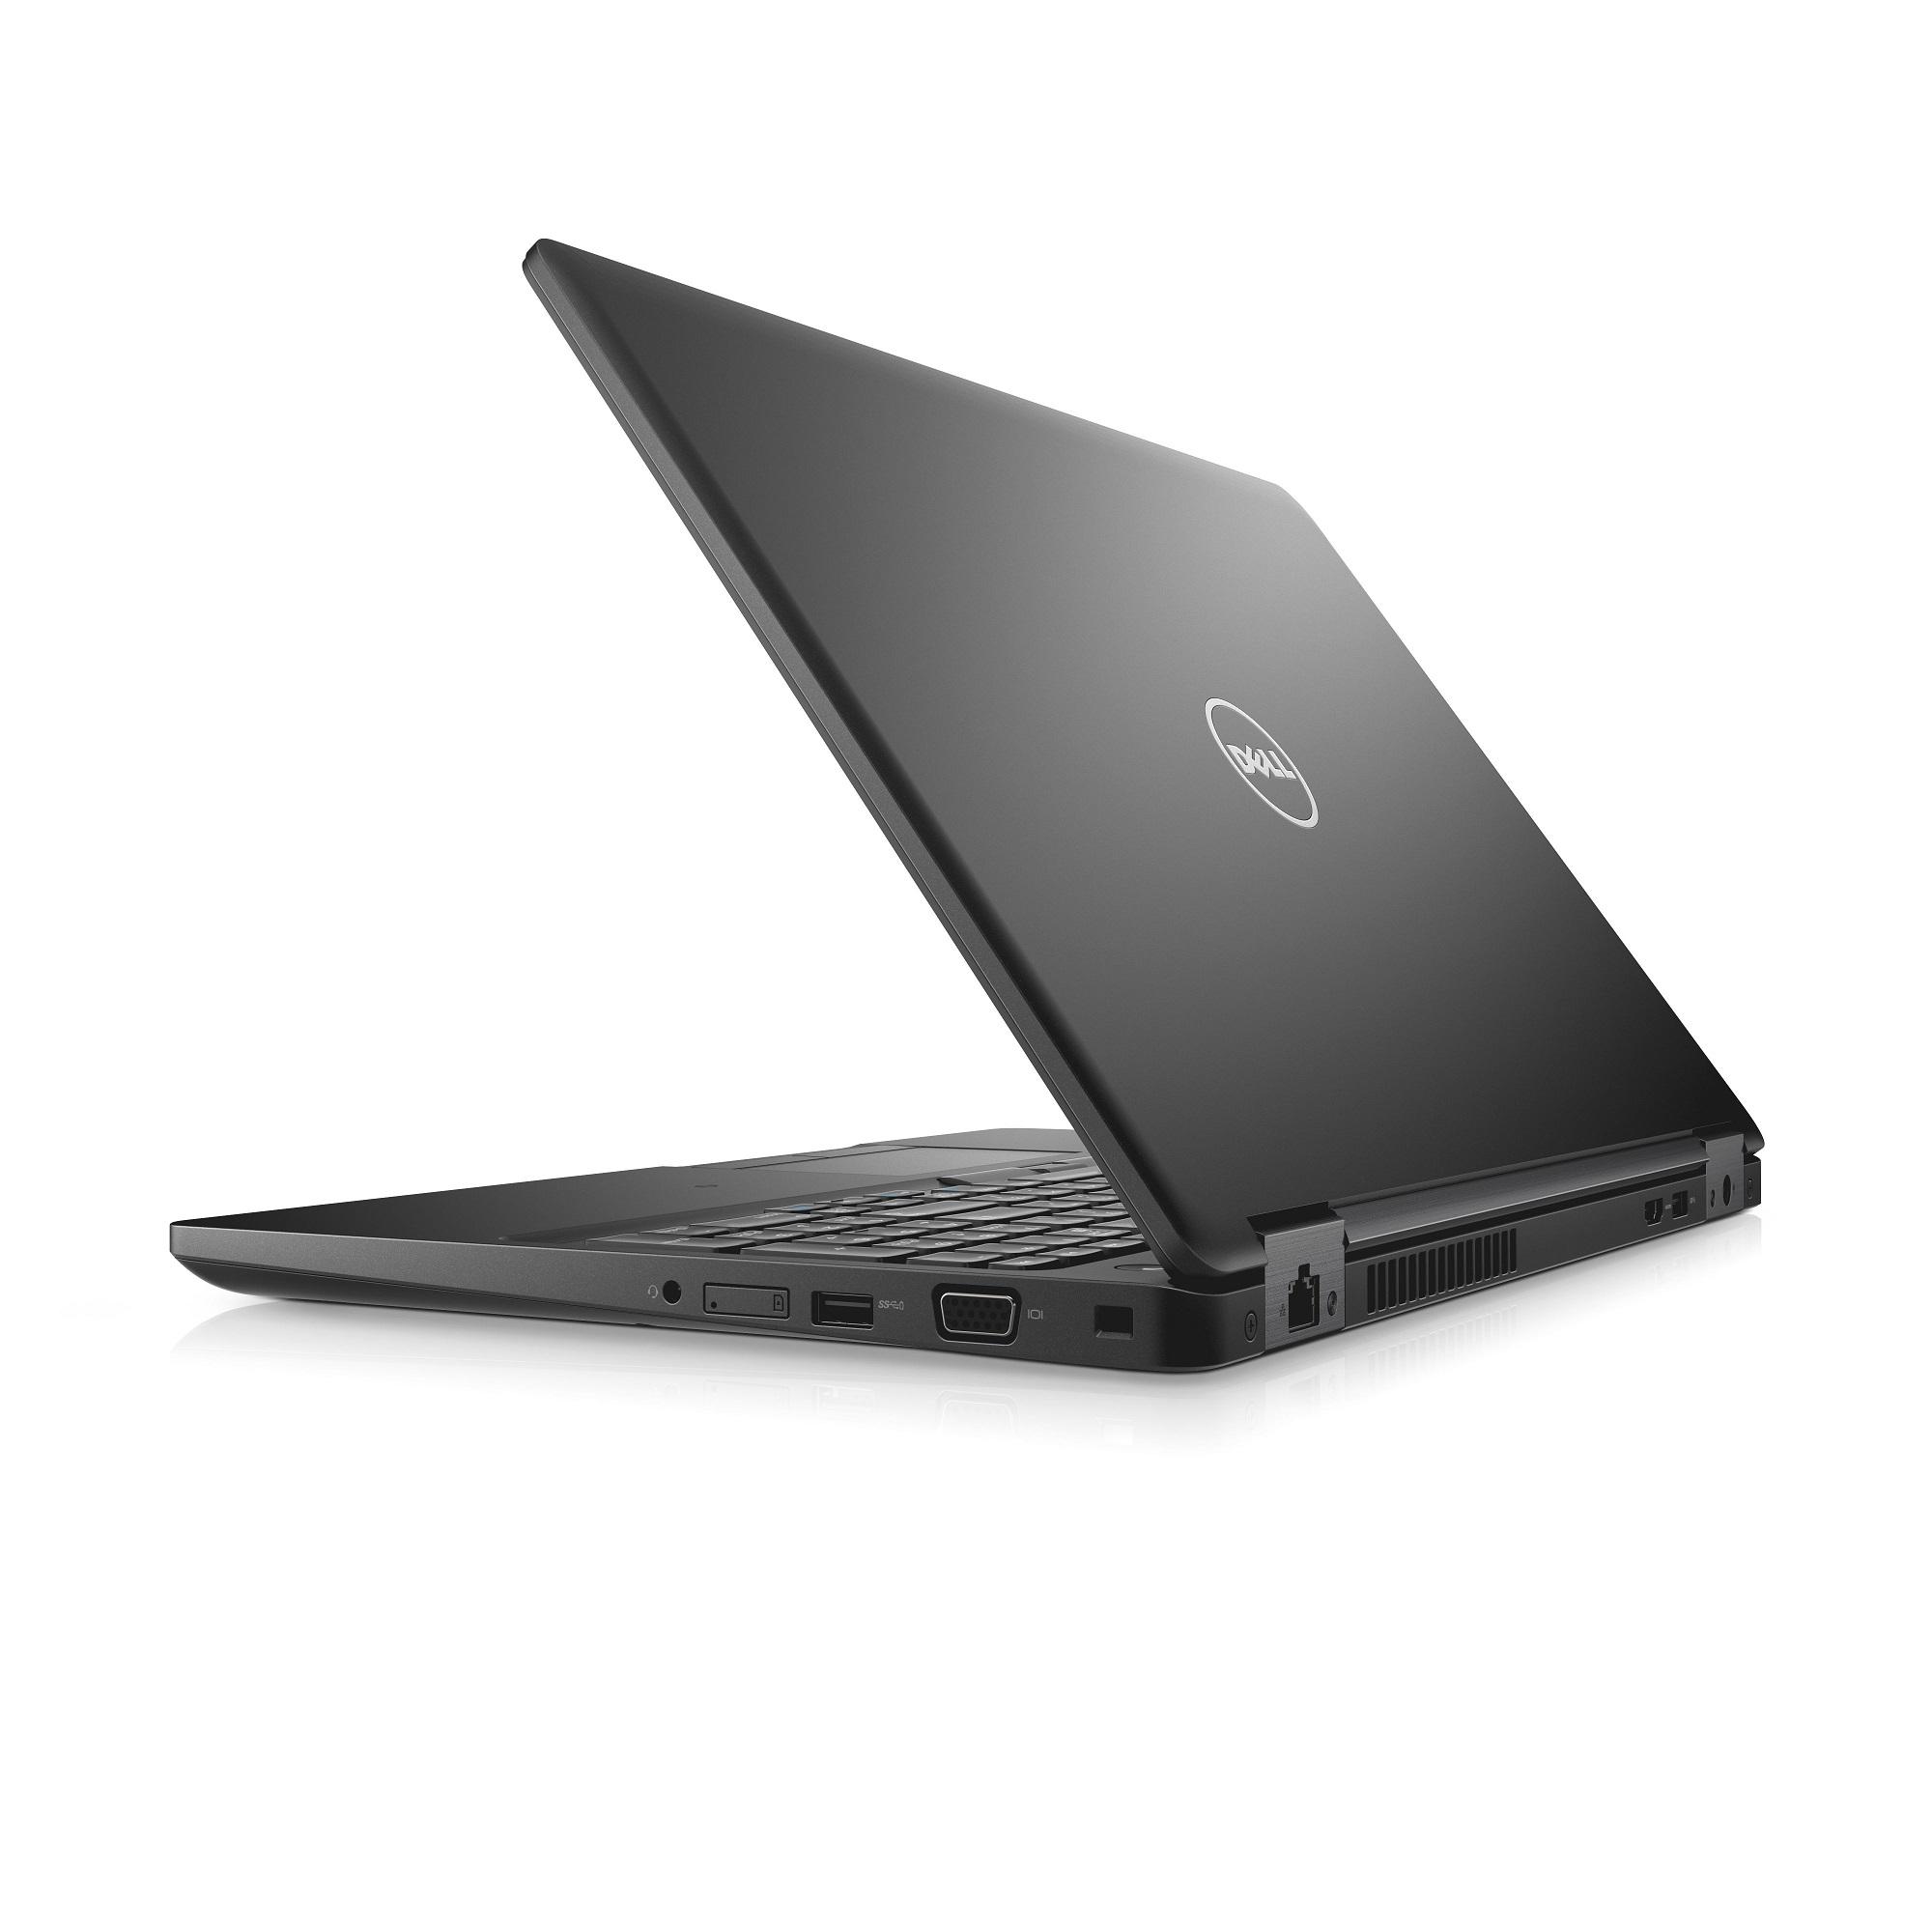 """DELL Latitude 5580/i7-7600/8GB/256GB SSD/Nvidia 930MX/15.6"""" FHD/Win 10Pro/Black"""